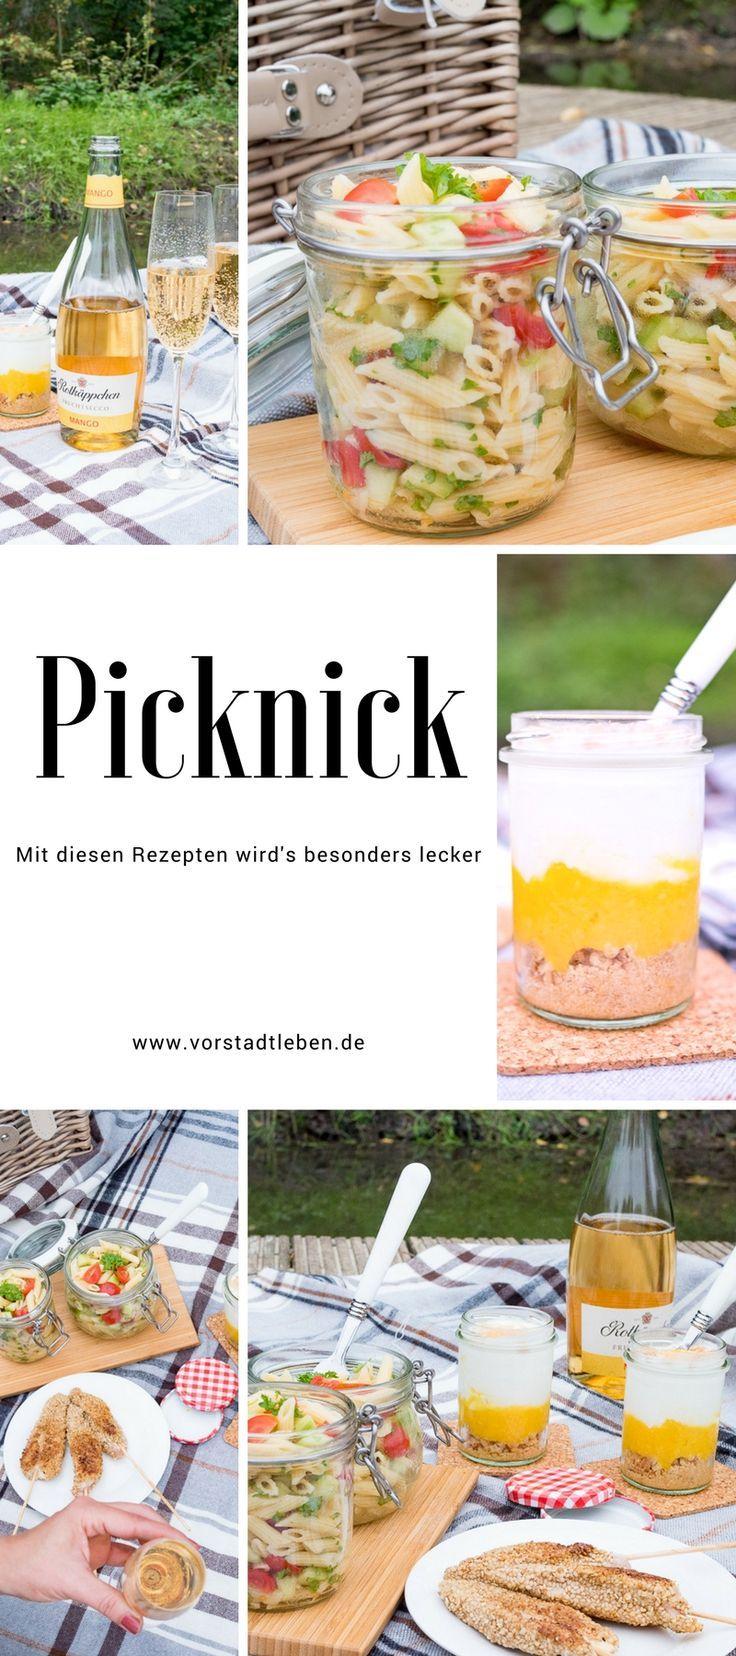 Photo of Picknick im Spätsommer – diese Rezepte machen es besonders lecker